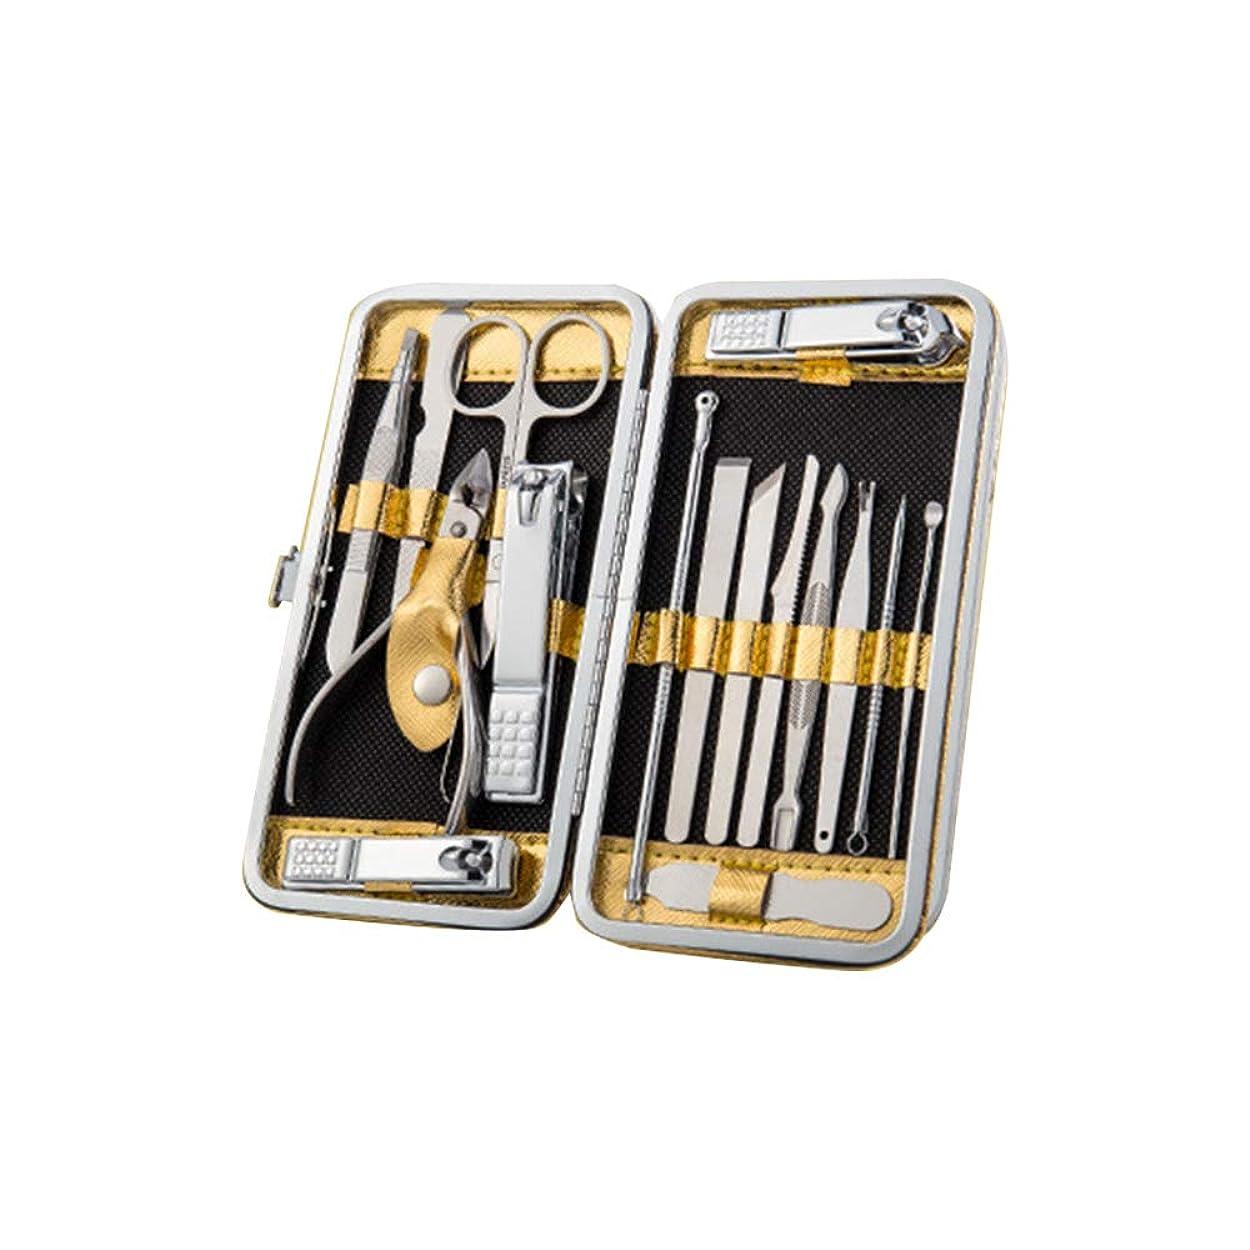 針絶縁する変換するBOZEVON ネイルケア16点セット - 角質ケアステンレス製爪切りセット手用 足用, ゴールド